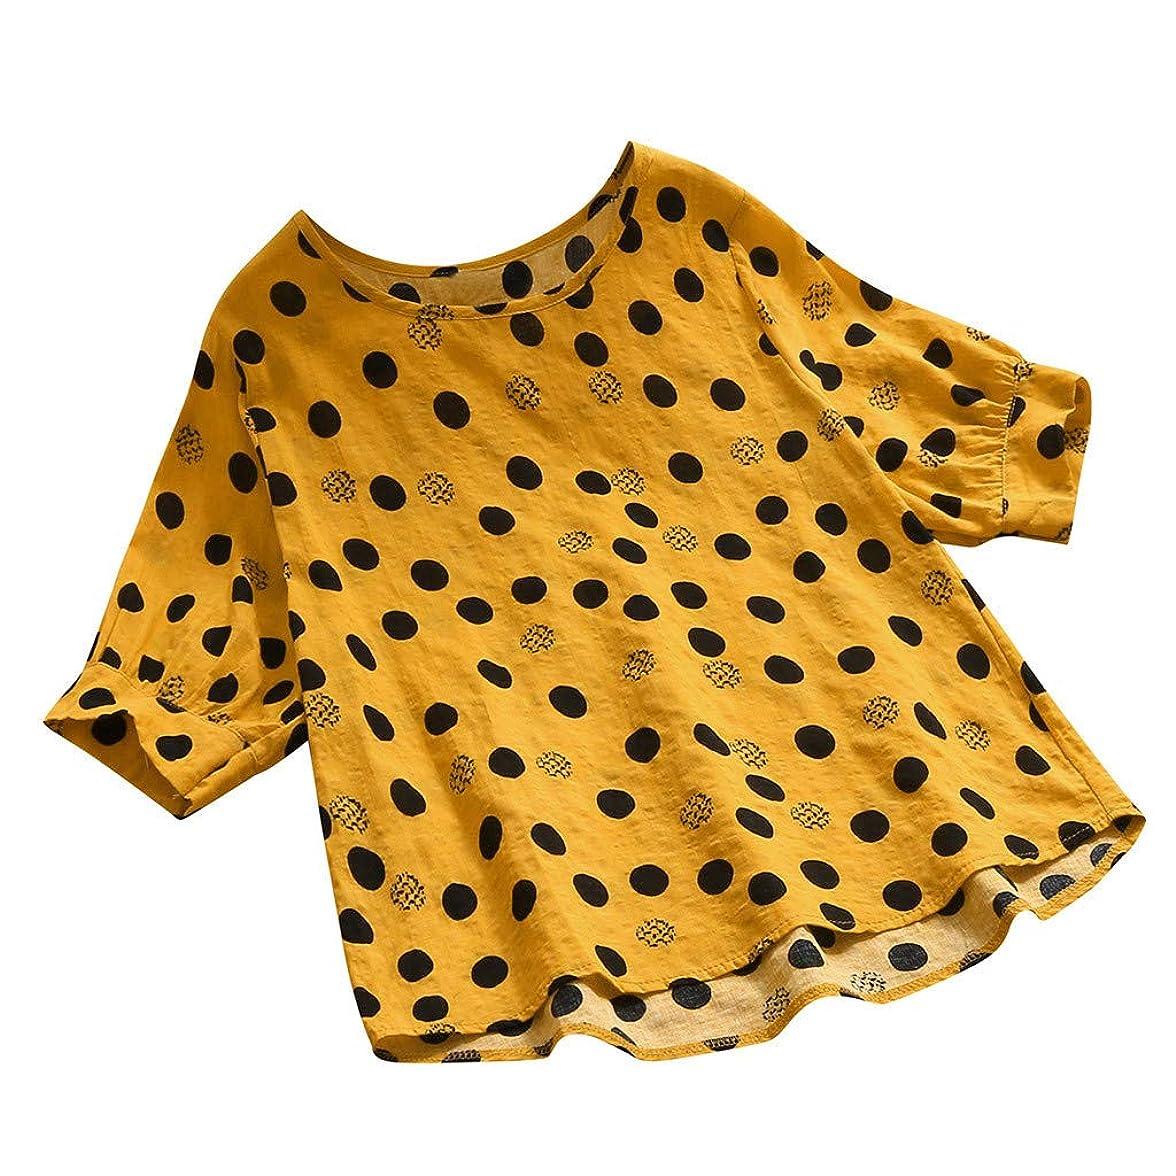 店員敬礼これらレディース Tシャツ 半袖 トップス 水玉模様の印刷 丸首 ステッチ ブラウス 人気 夏服 無地 吸汗速乾 汗染み防止 快適な 軽い 柔らかい かっこいい ワイシャツ カジュアル シンプル オシャレ 春夏秋 対応